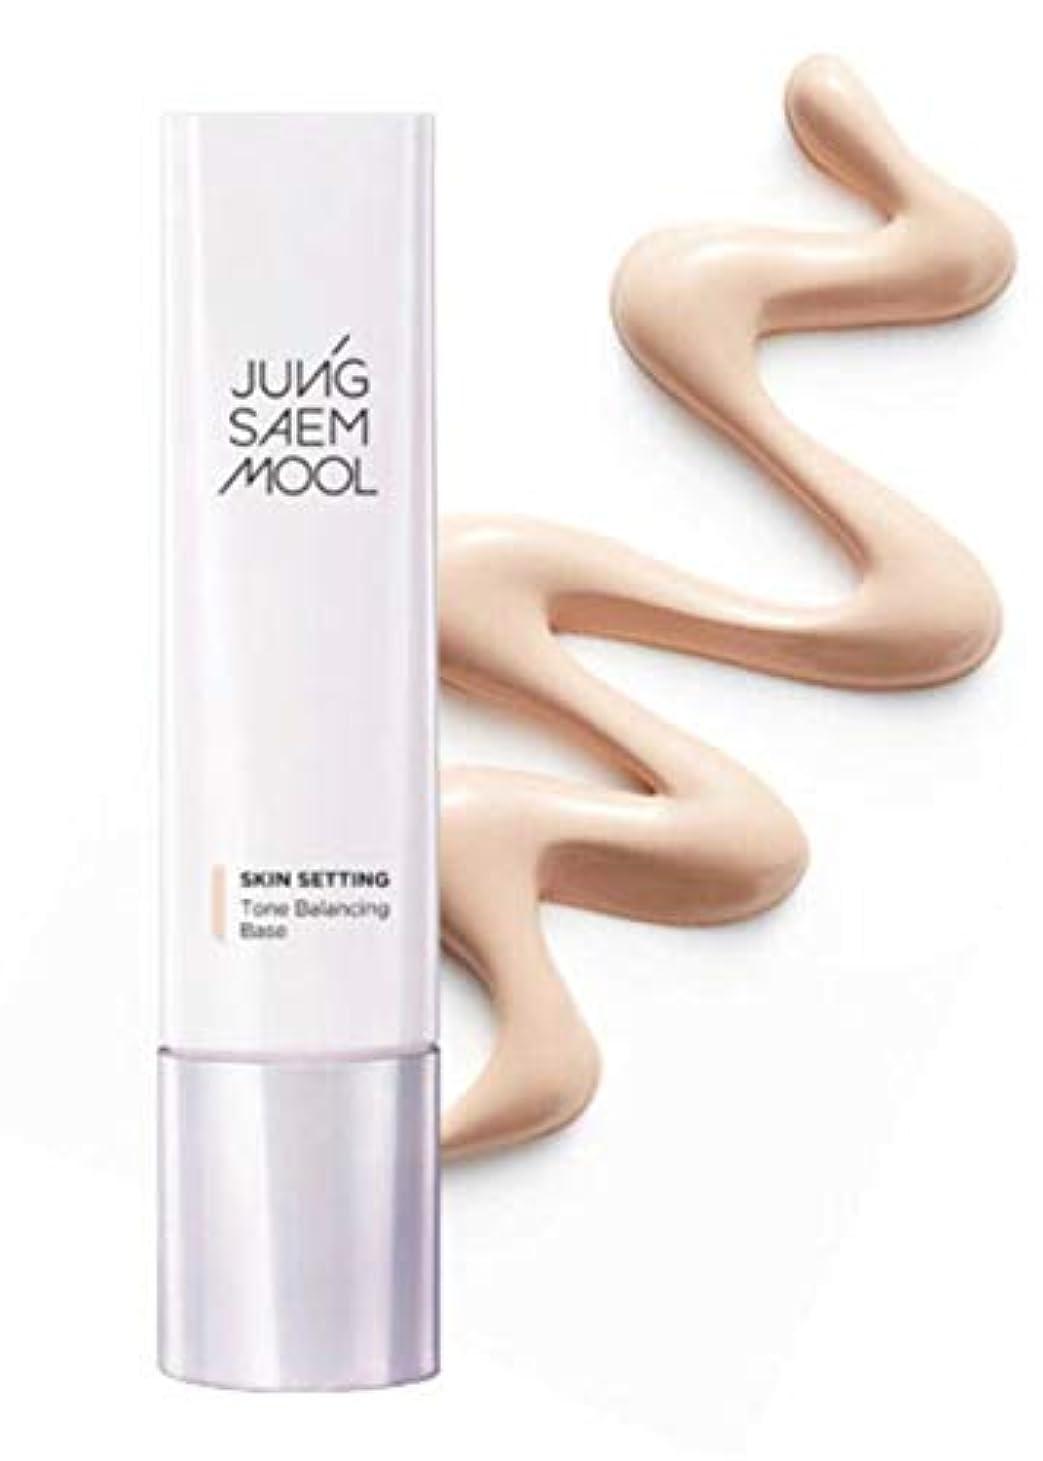 帽子カレンダー書誌[JUNG SAEM MOOL] Skin Setting Tone Balancing Base 40ml / ジョンセンムル スキン セッティング トーン バランシング ベース [並行輸入品]